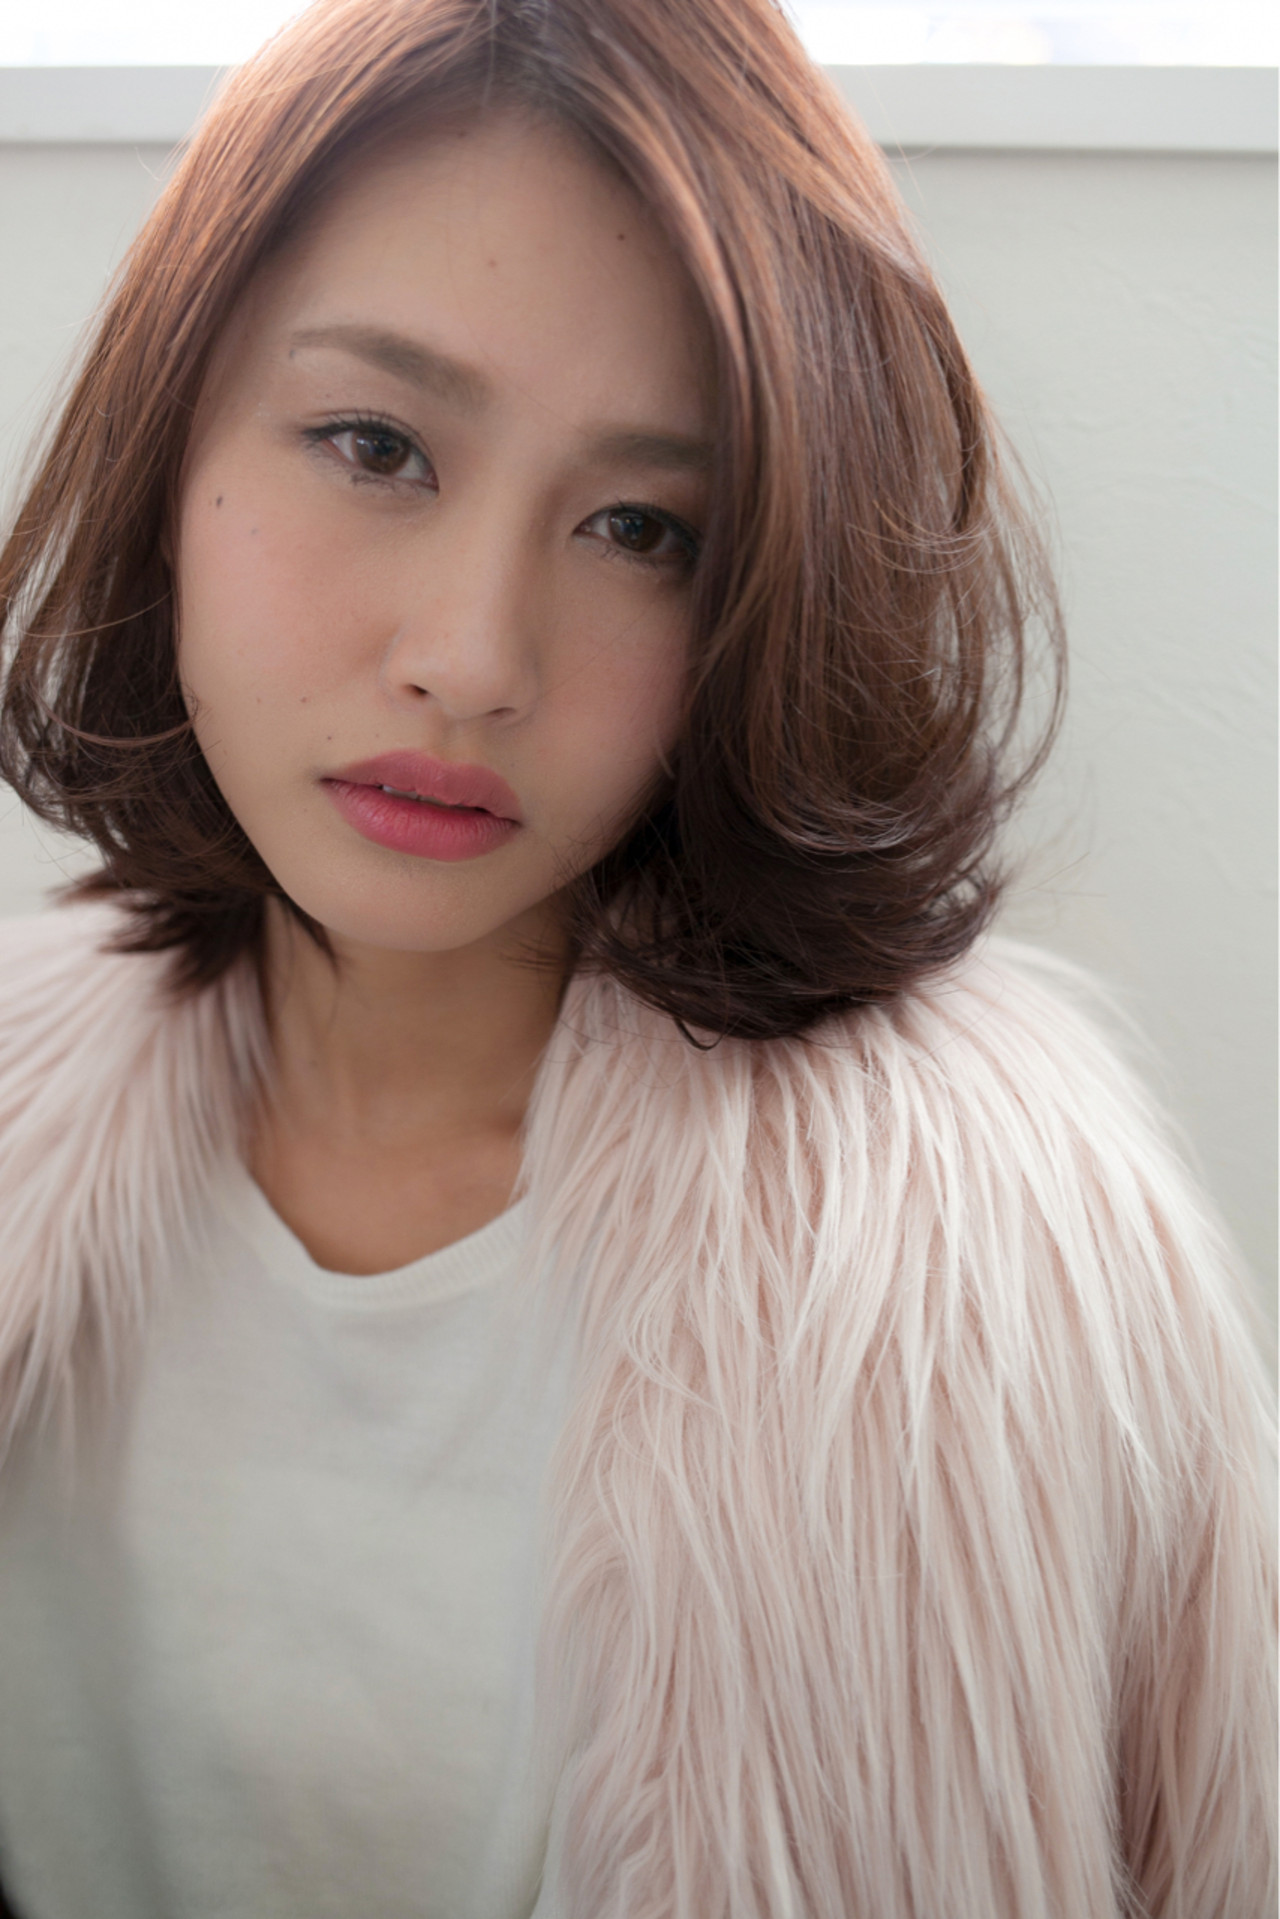 小顔 ボブ ナチュラル こなれ感 ヘアスタイルや髪型の写真・画像 | 高田 紘希 / Rr hair salon